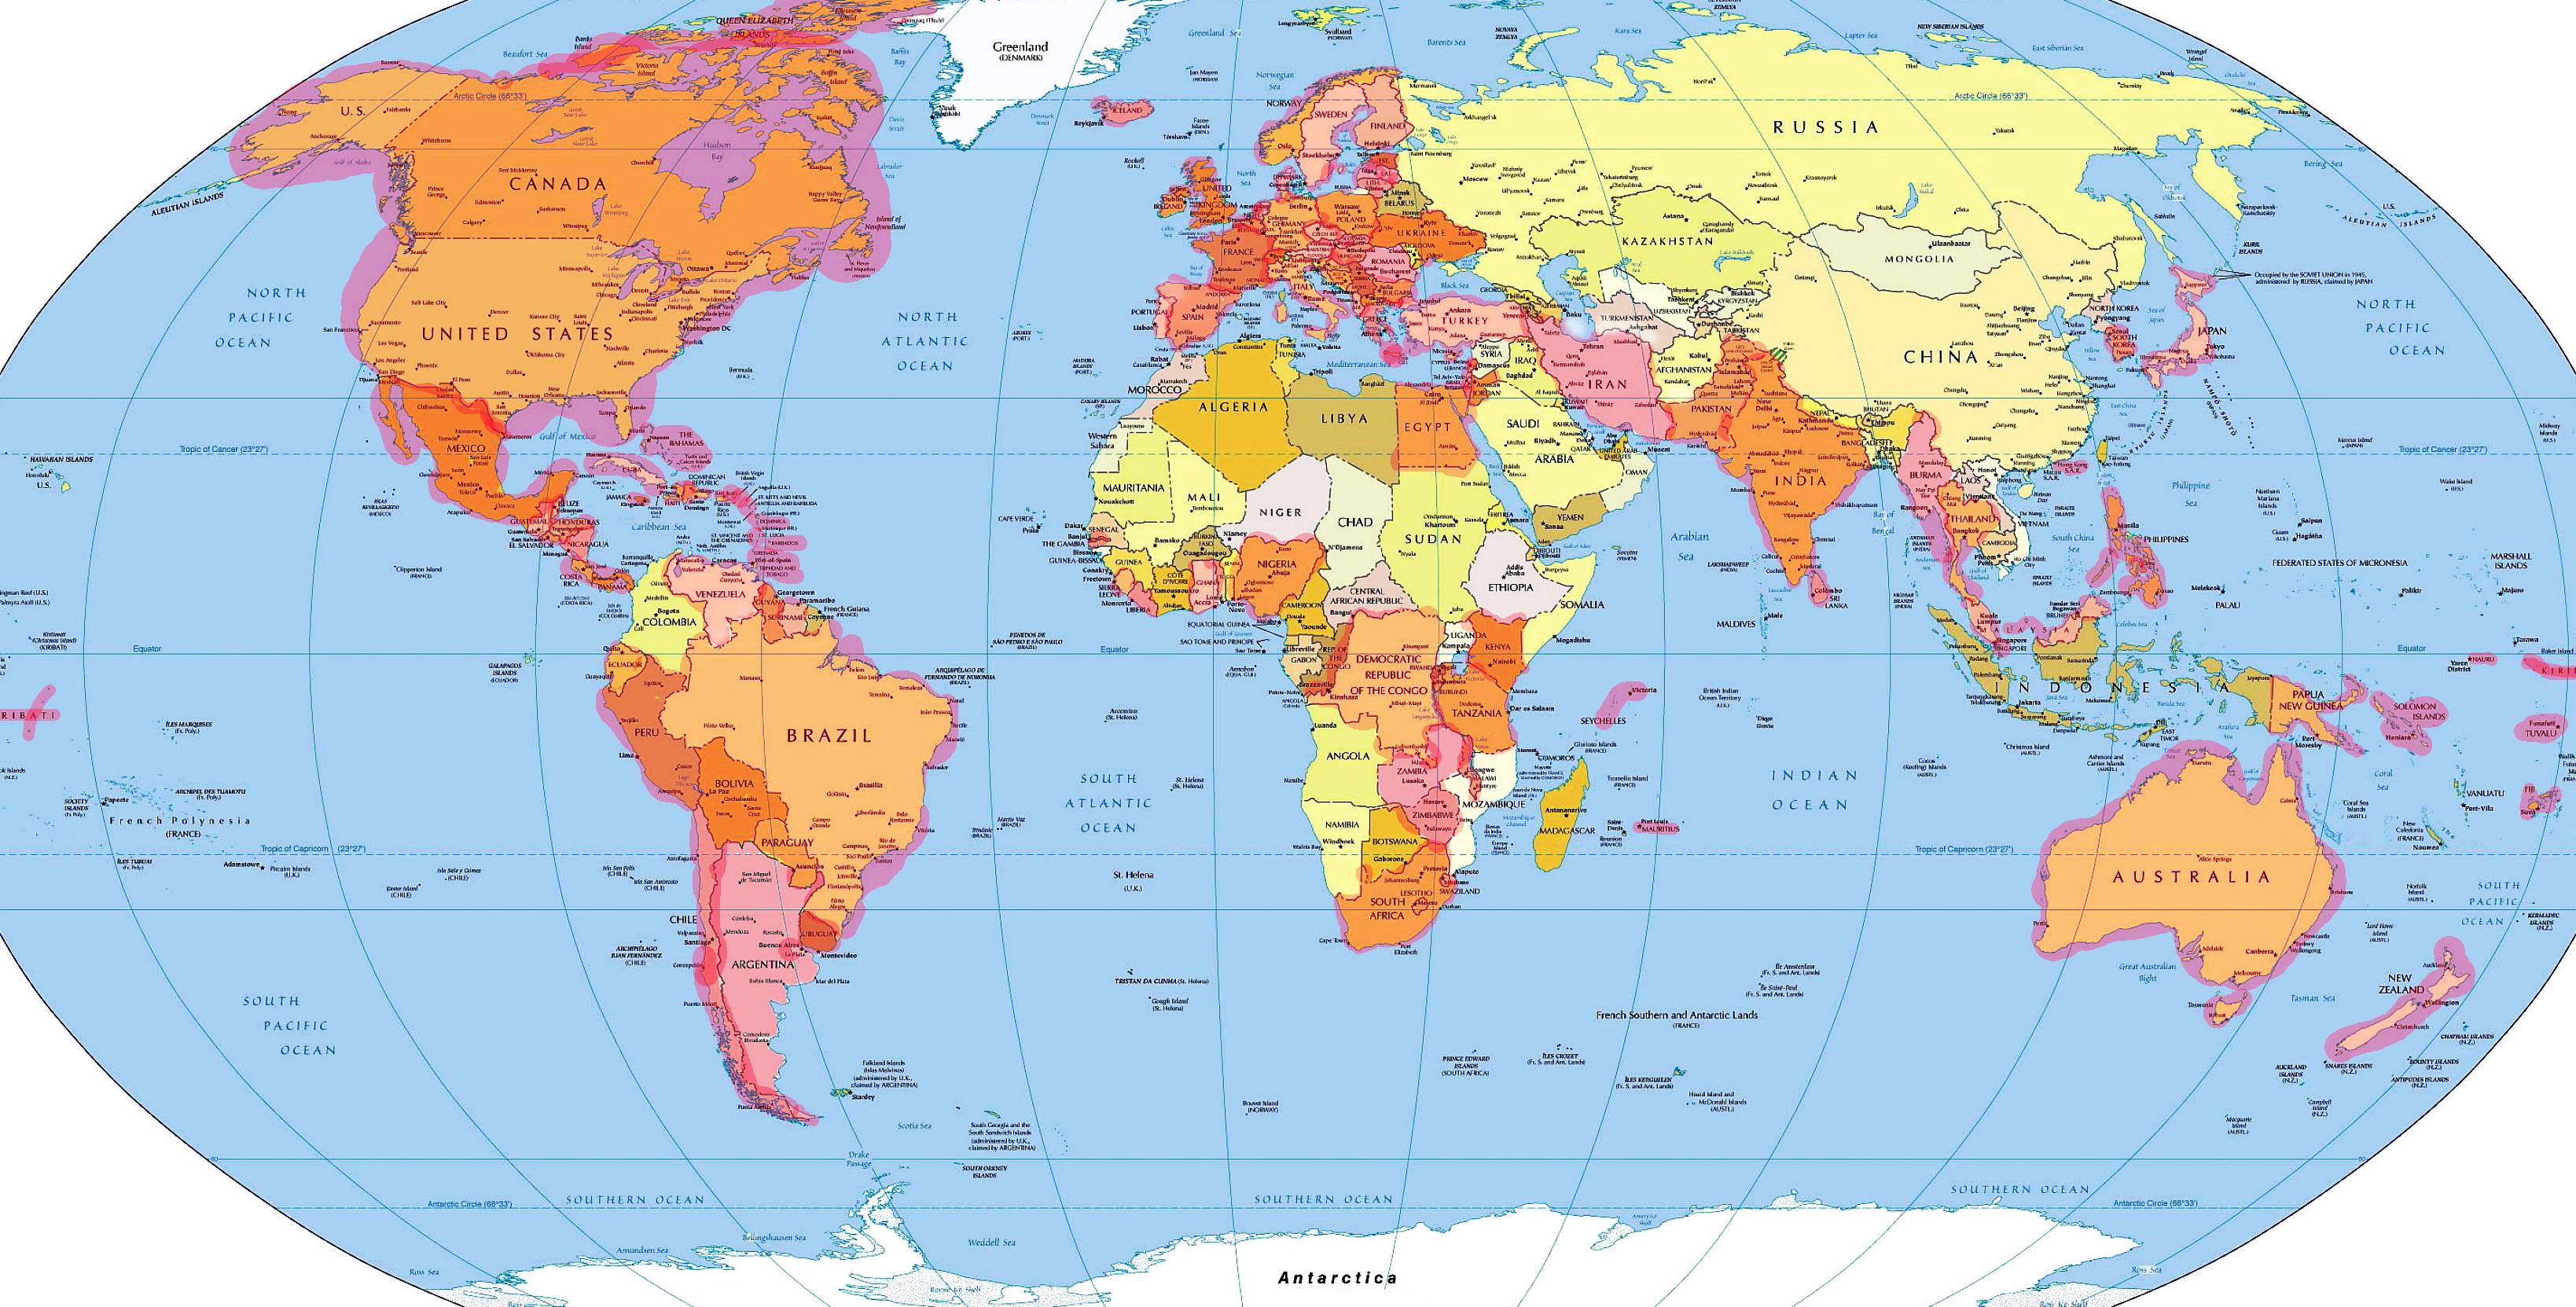 Разрешённые страны для поездки за границу сотрудникам МВД